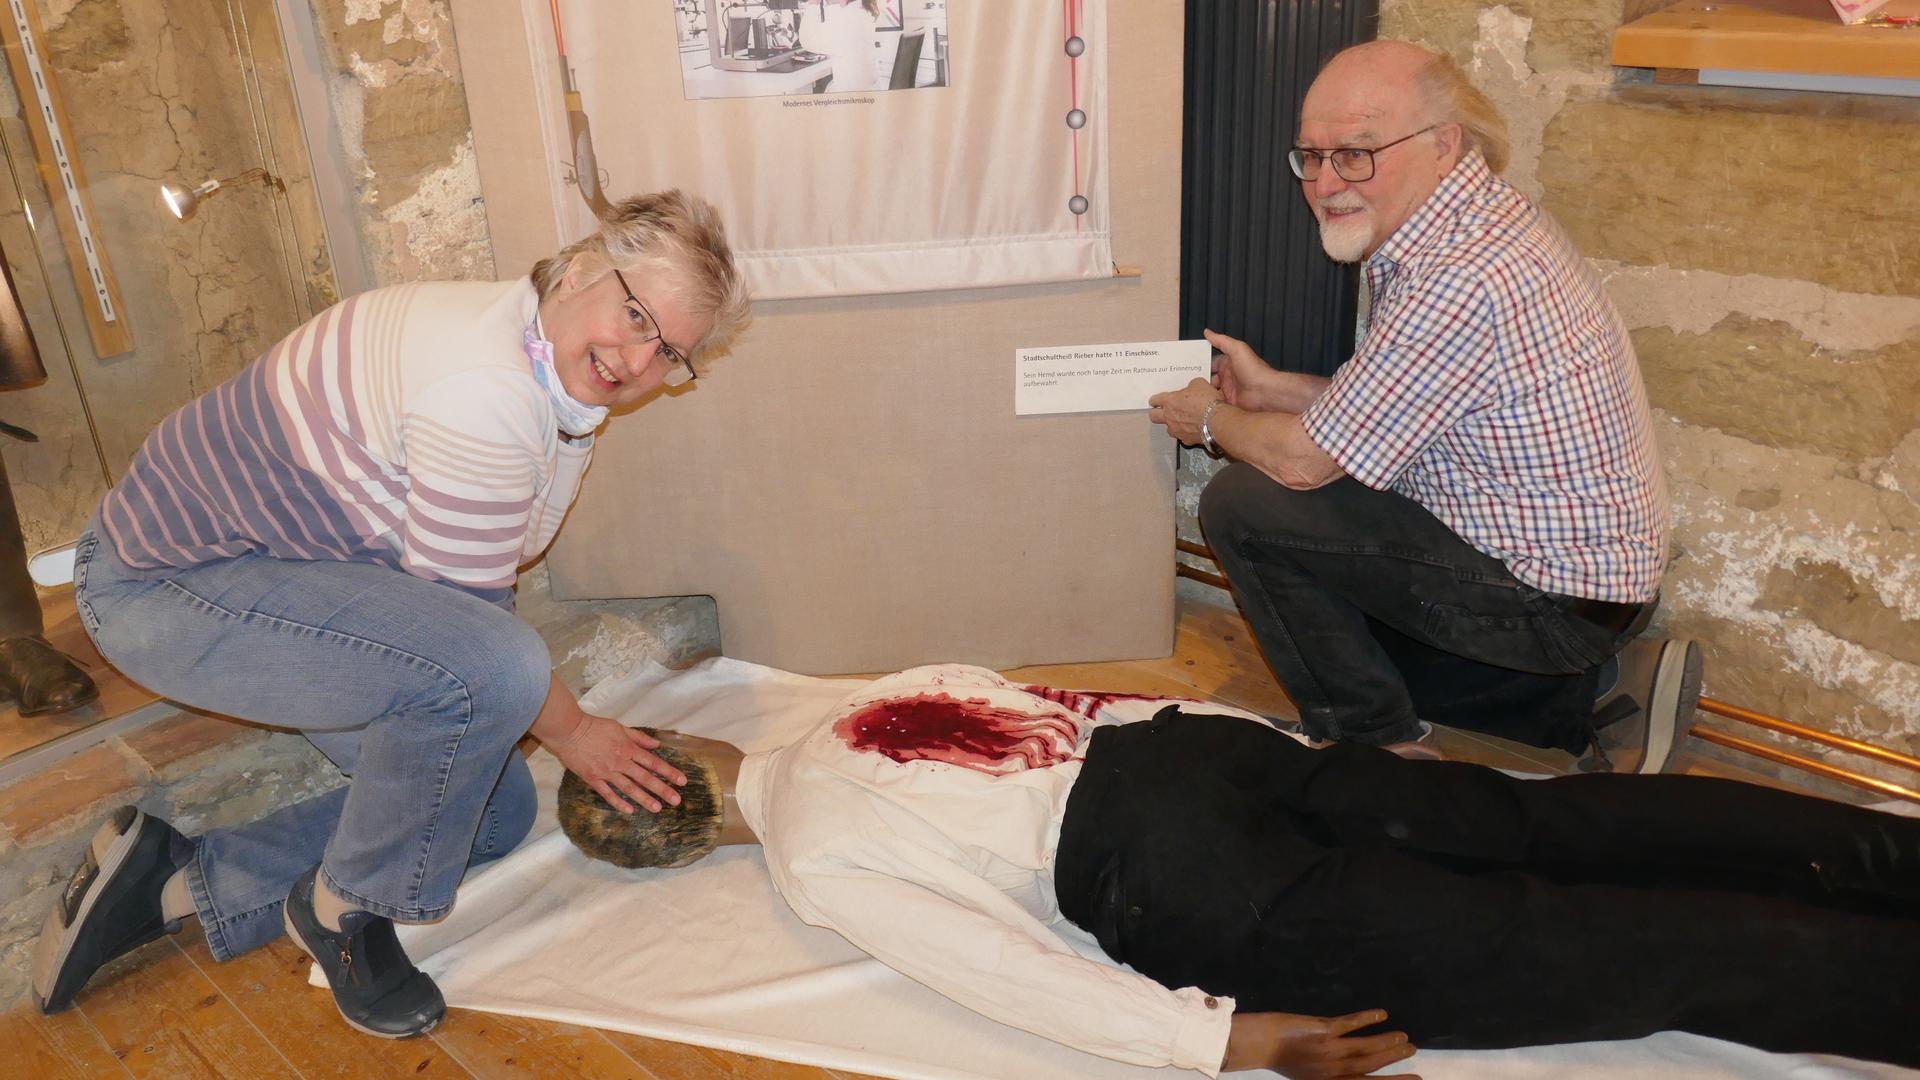 Ann Marie Ackermann und Karl Sartorius an einer Puppe, die den ermordeten Bürgermeister von Bönnigheim darstellt.